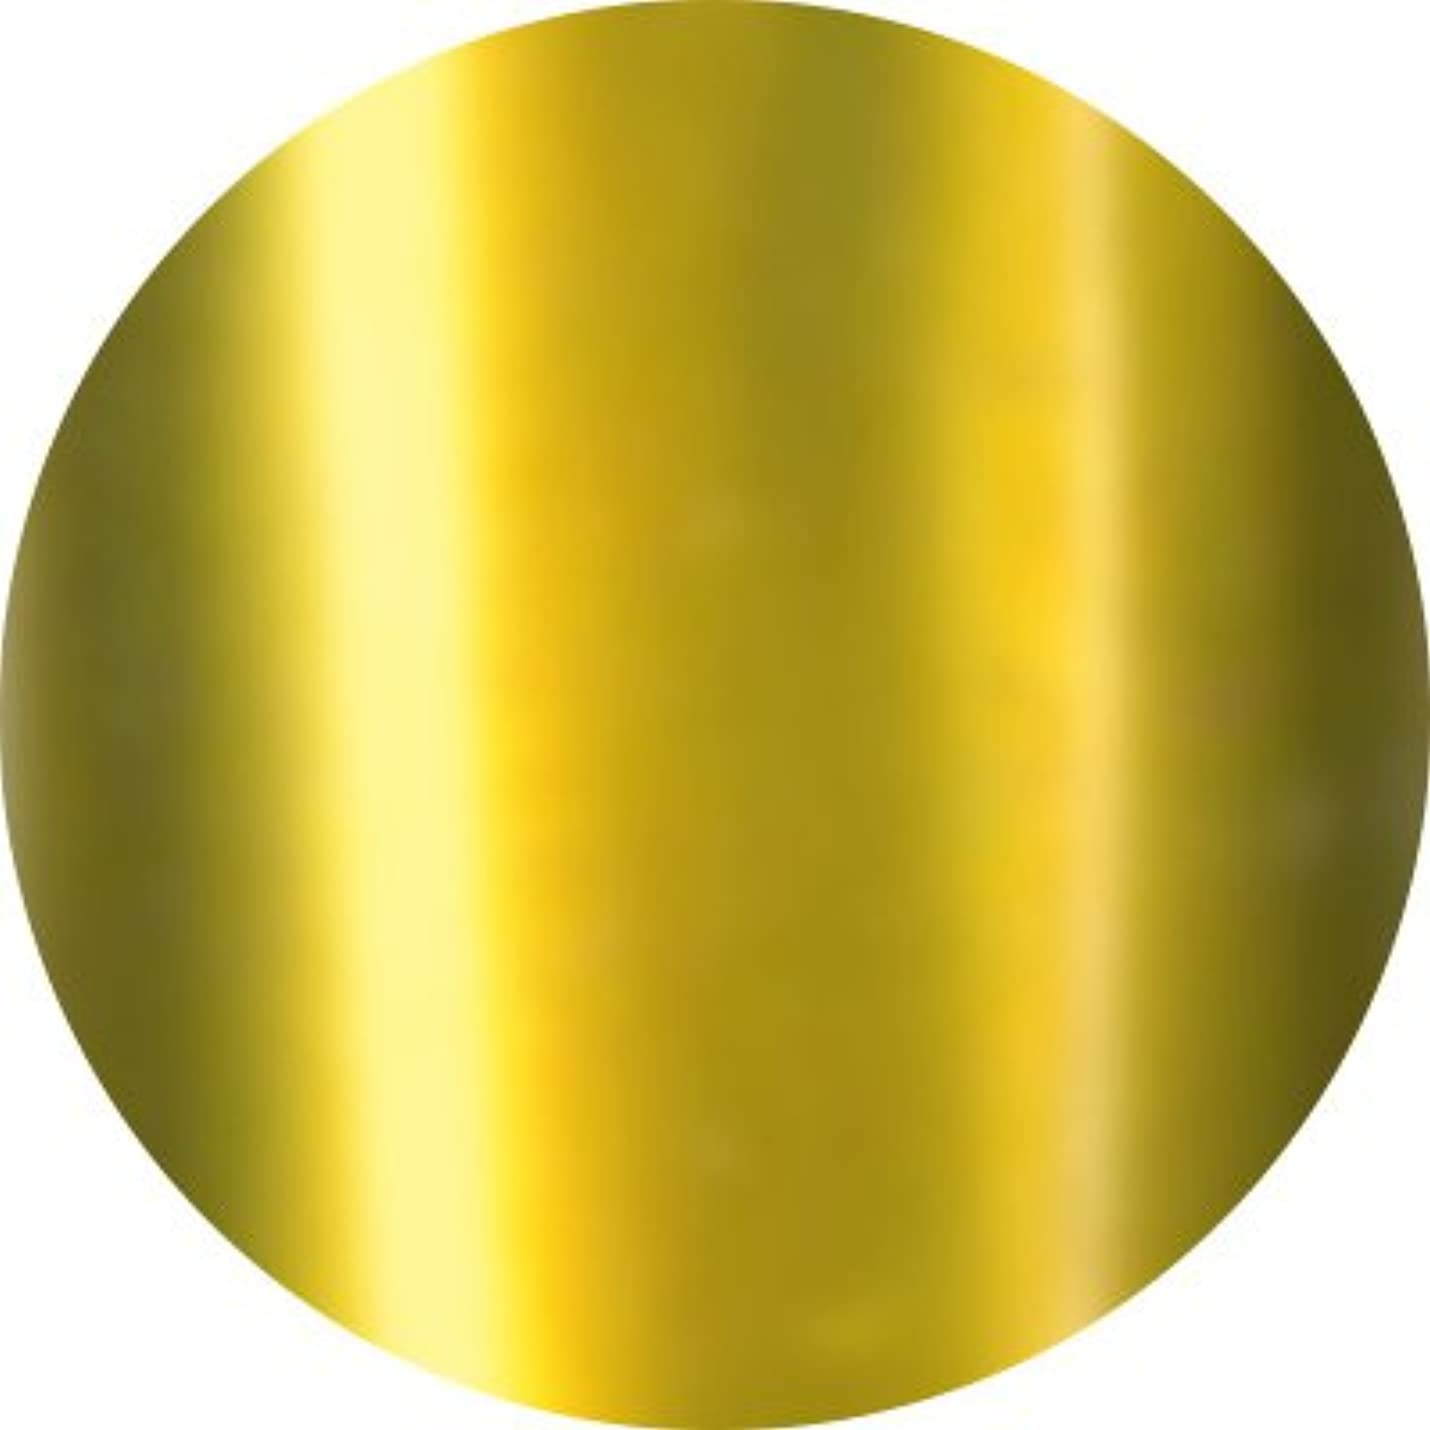 プラスチック副産物クルーズJewelry jel(ジュエリージェル) カラージェル 5ml<BR>ピッカピカメタリック MKゴールド